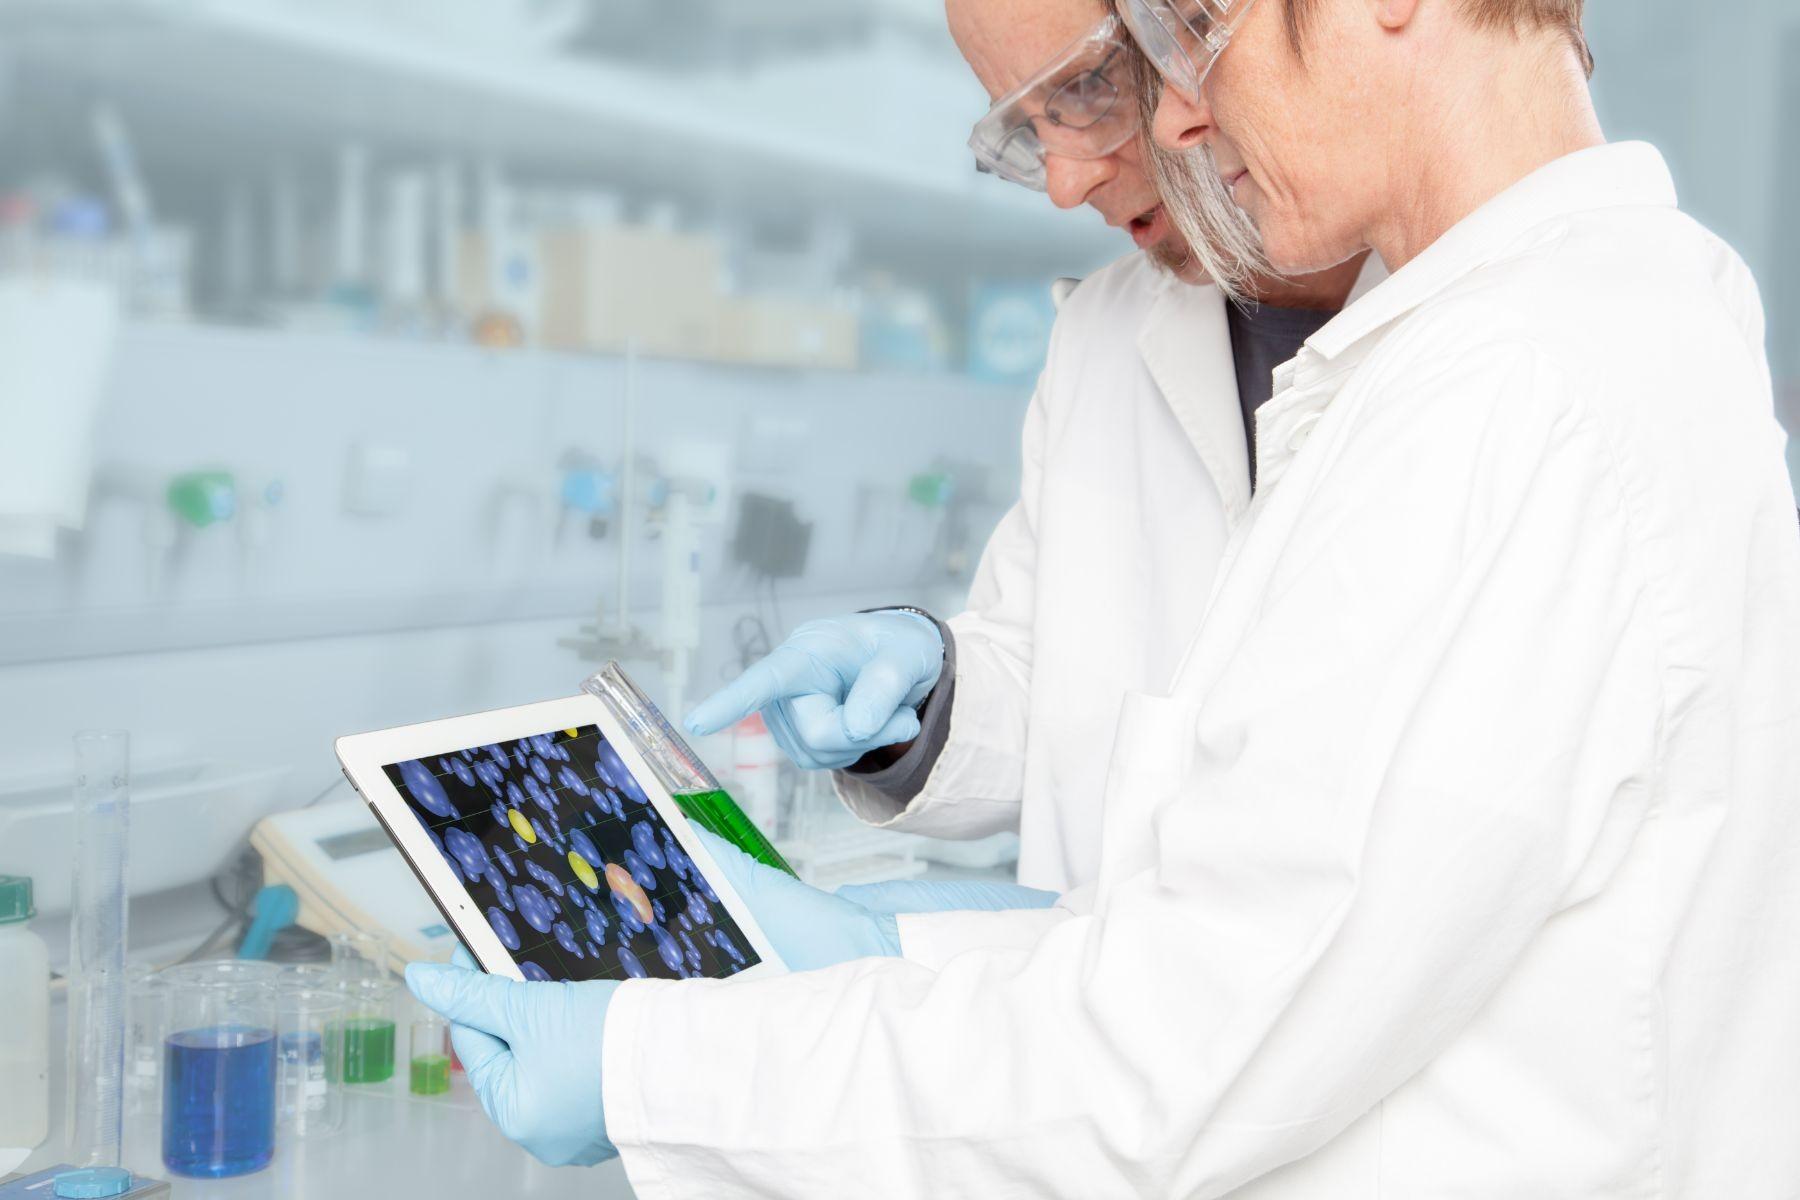 medicos observando una tableta